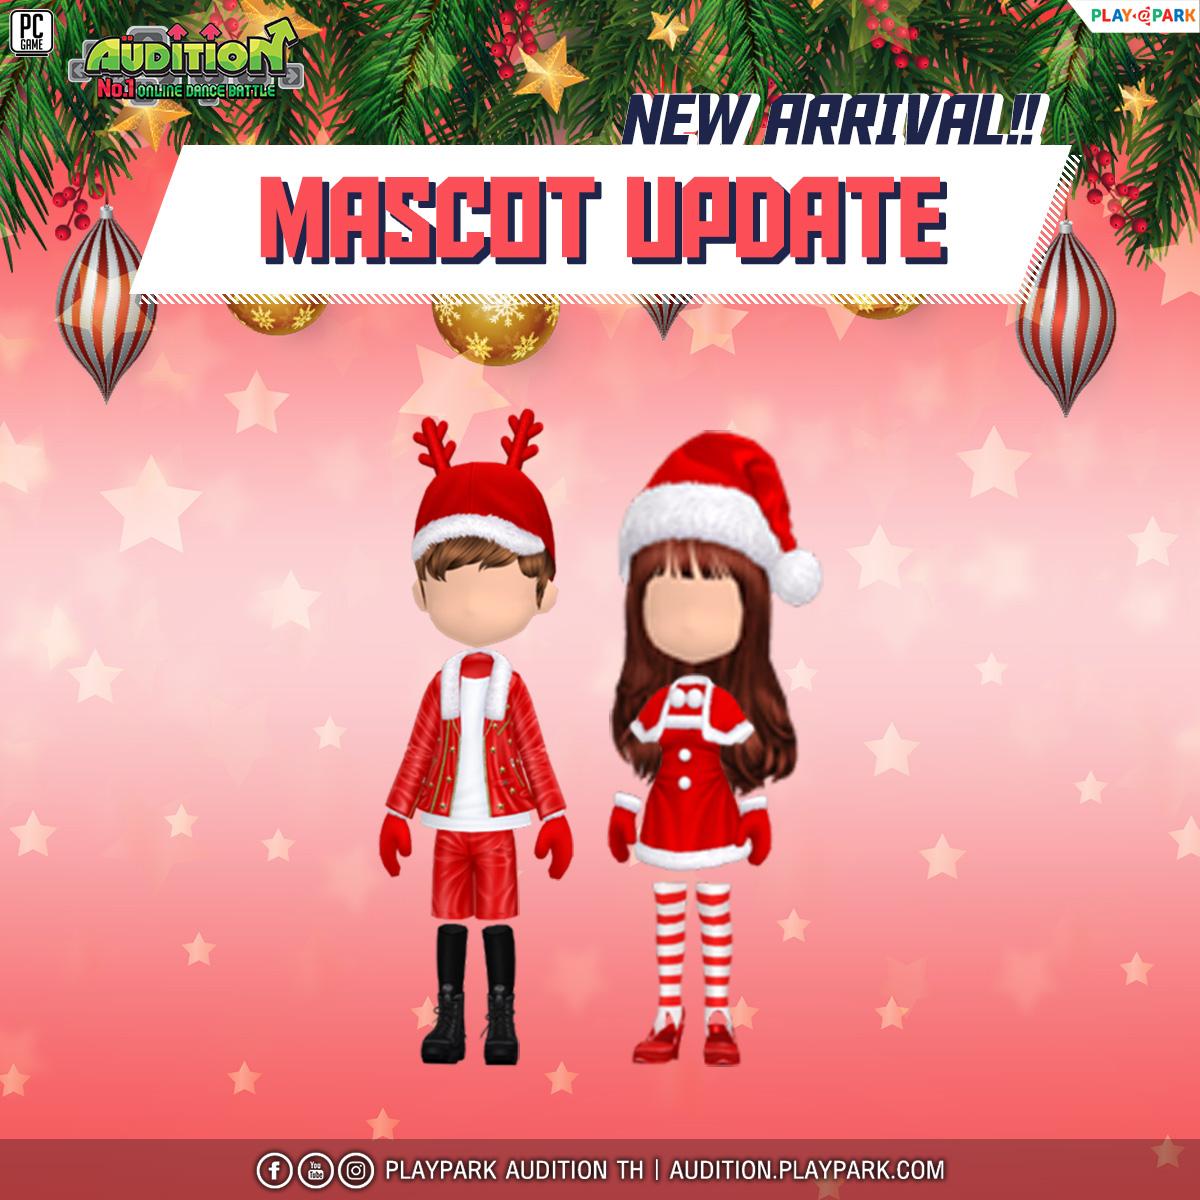 23 ธันวาคมนี้ Update เพลงใหม่, Level Reset Item และไอเทมใหม่อีกมากมาย !!